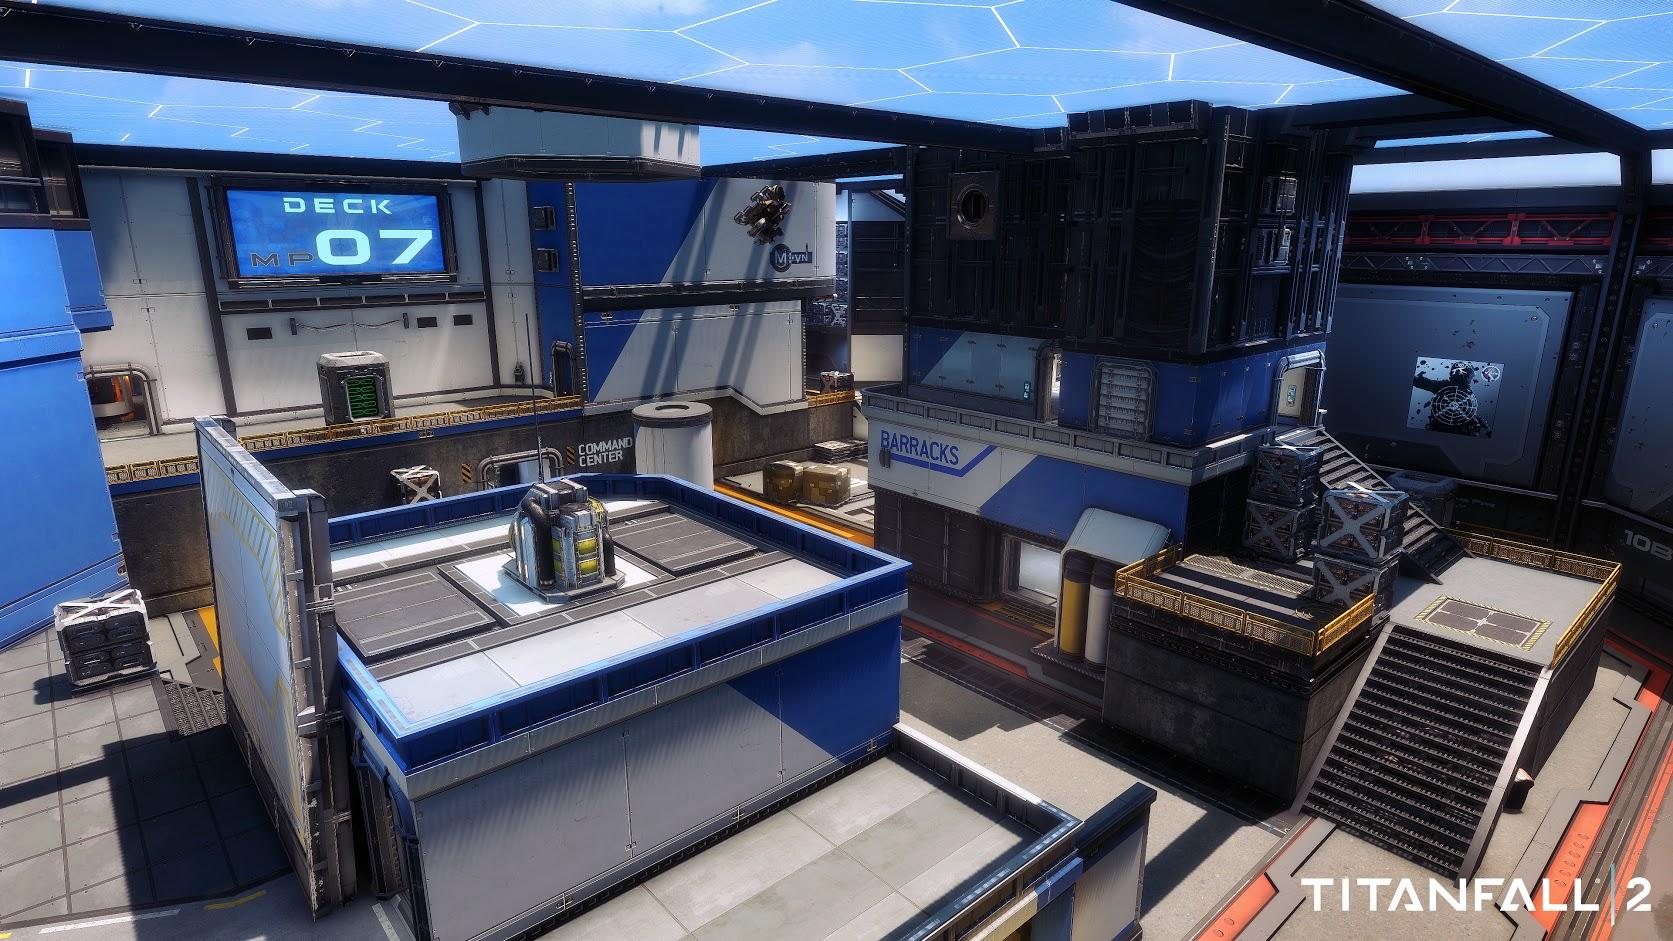 Obsahová aktualizace A Glitch in the Frontier pro Titanfall 2 dorazí 25. dubna 142306